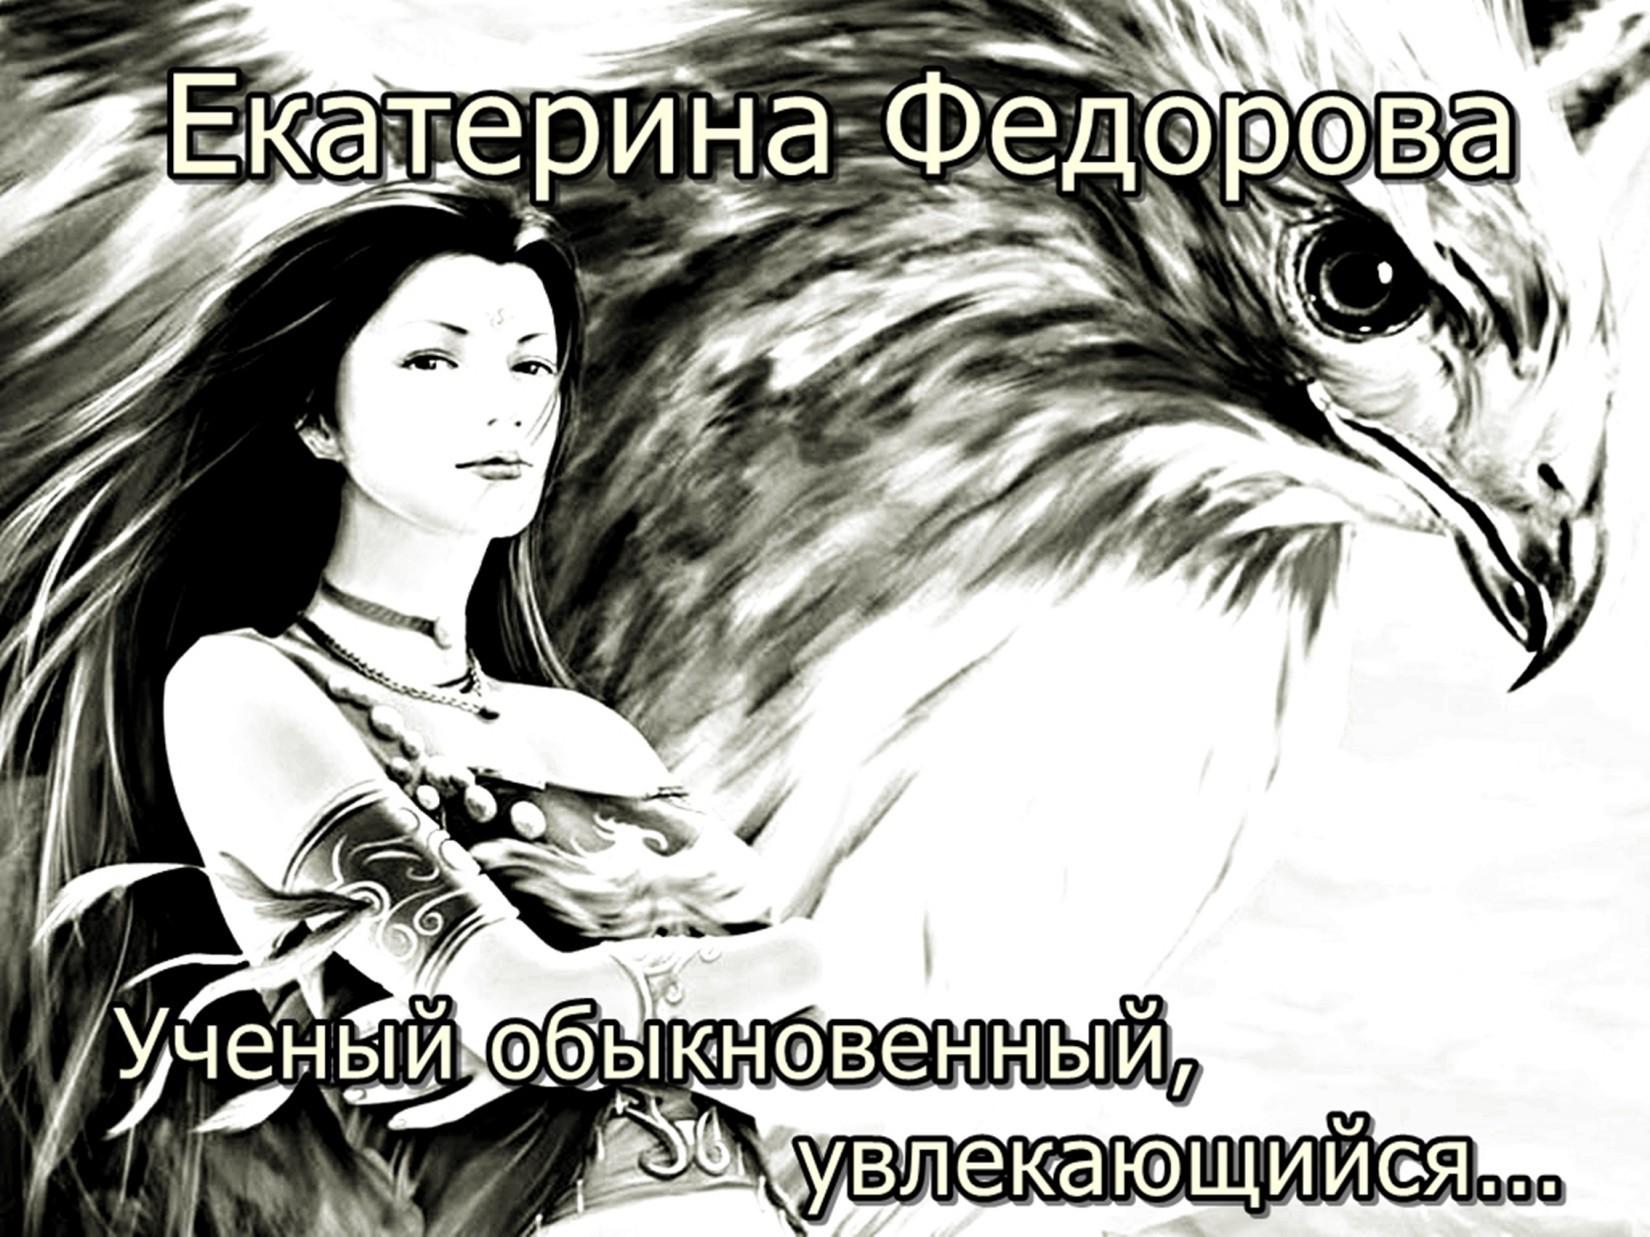 напряженная интрига в книге Екатерина Владимировна Федорова